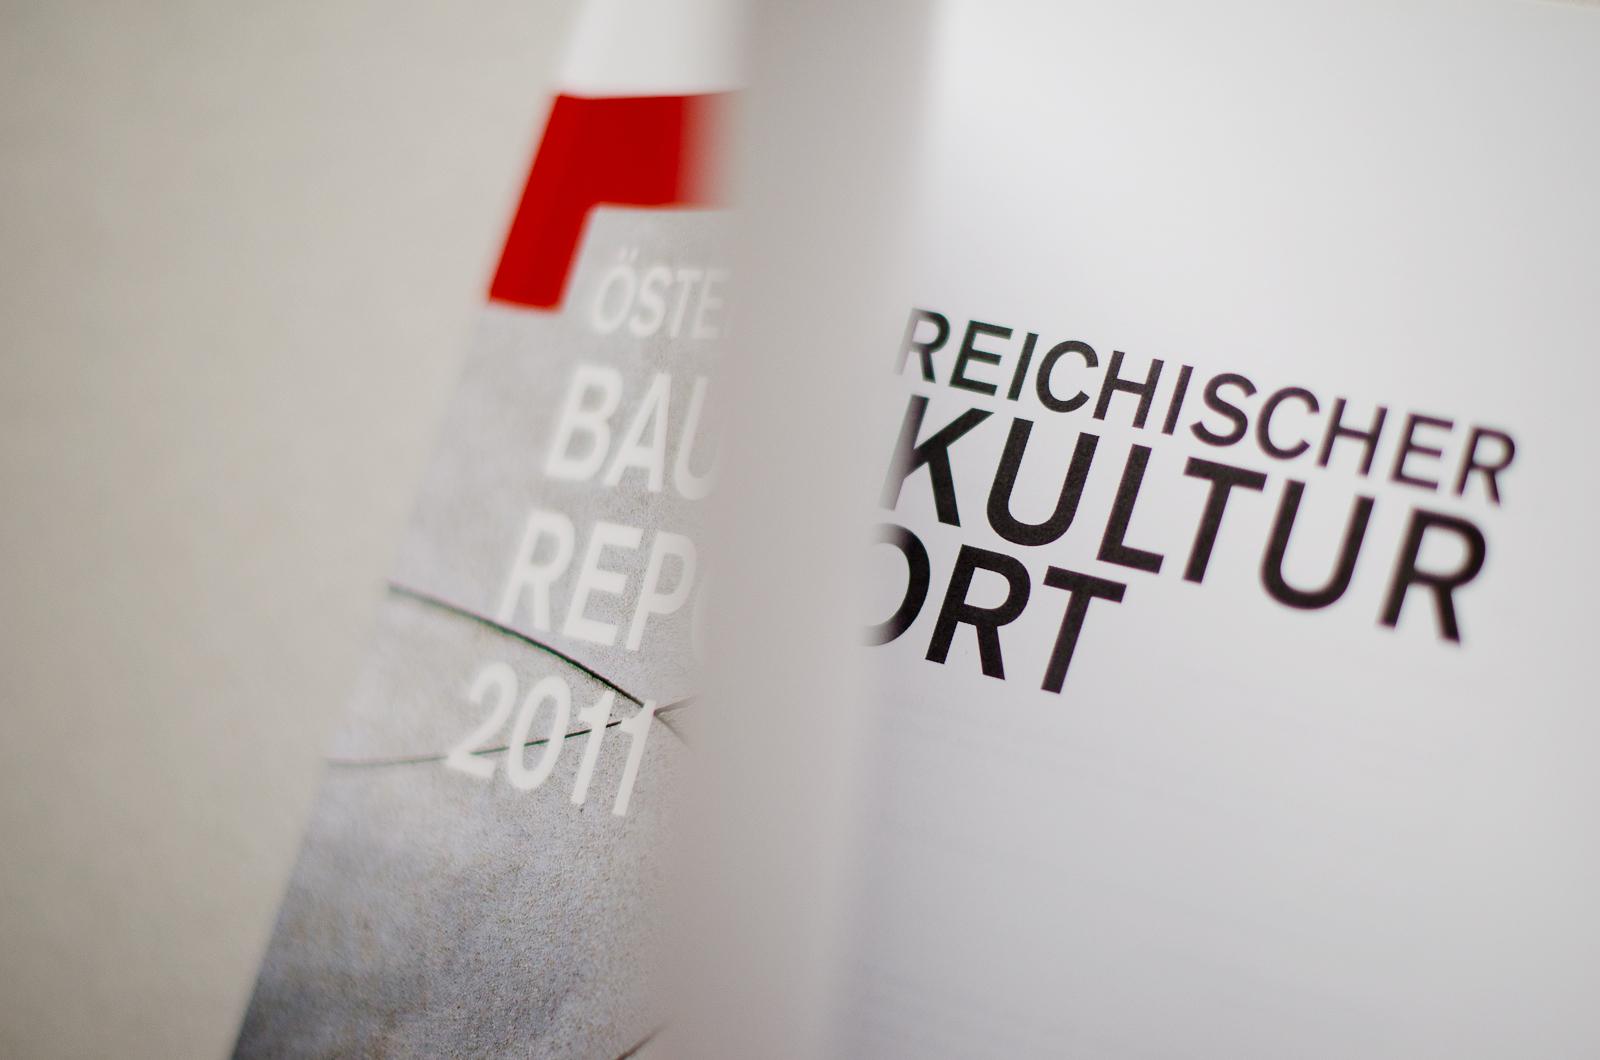 Öesterreichischer Baukulturreport 2011